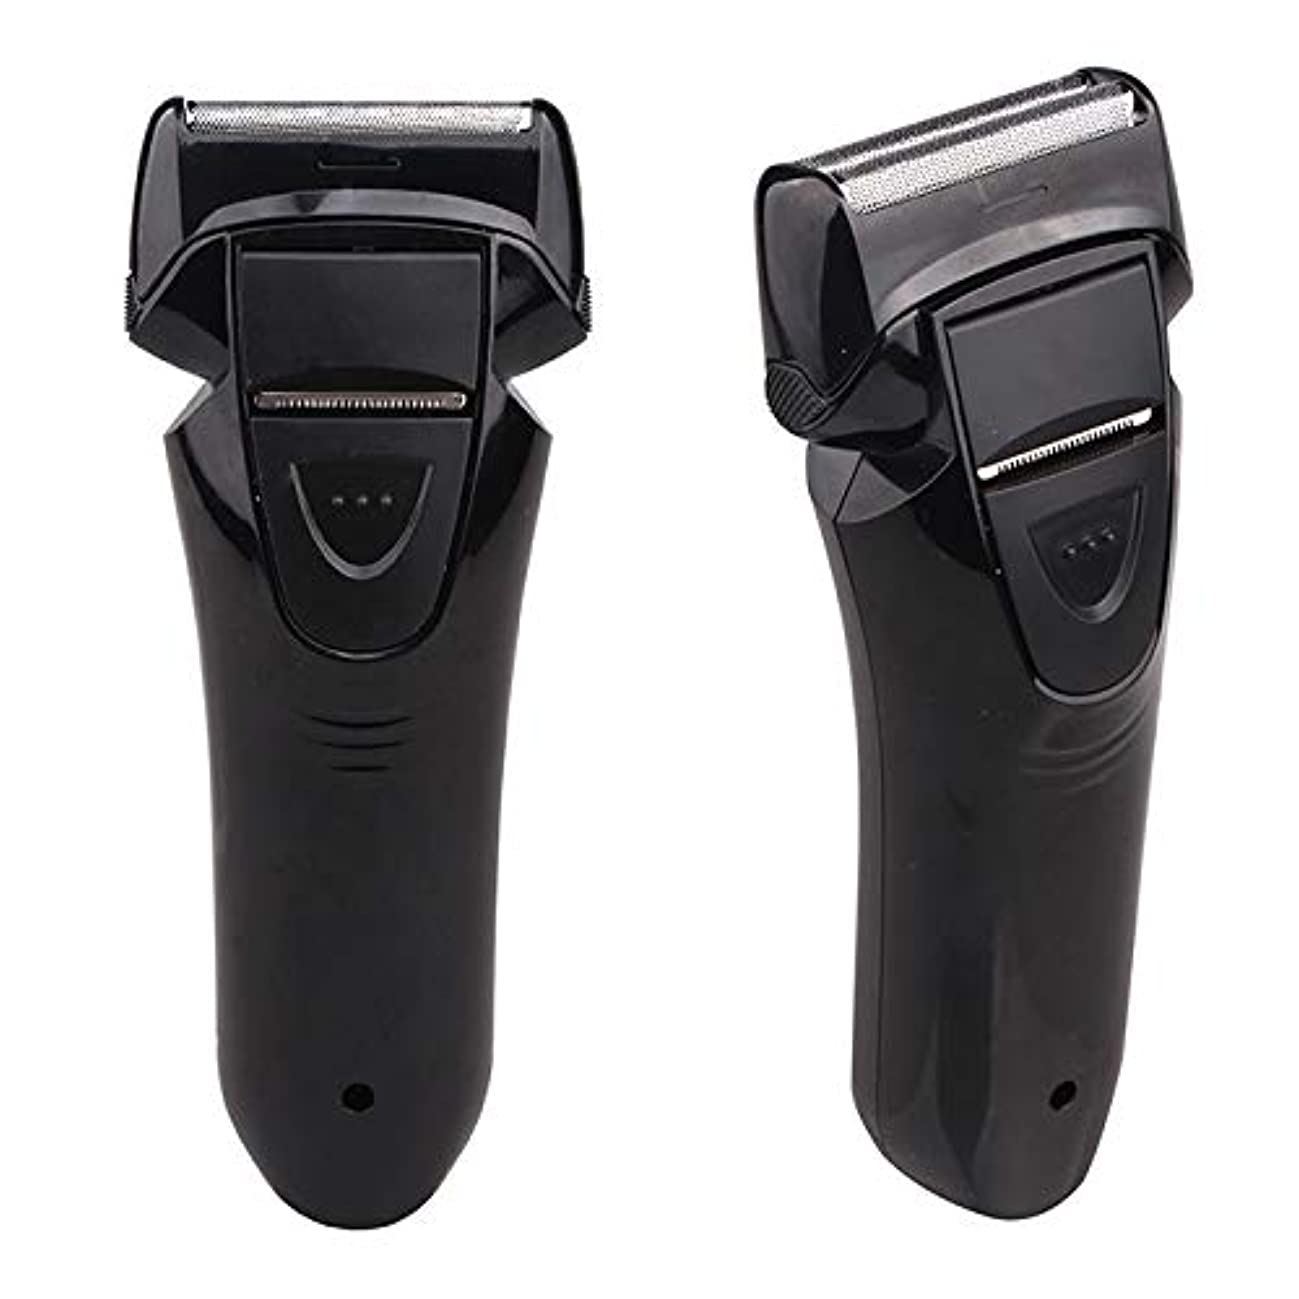 主人ブレース樹皮メンズシェーバー Vegetable(ベジタブル) アダプター&USB充電式2枚刃シェーバー GD-S206